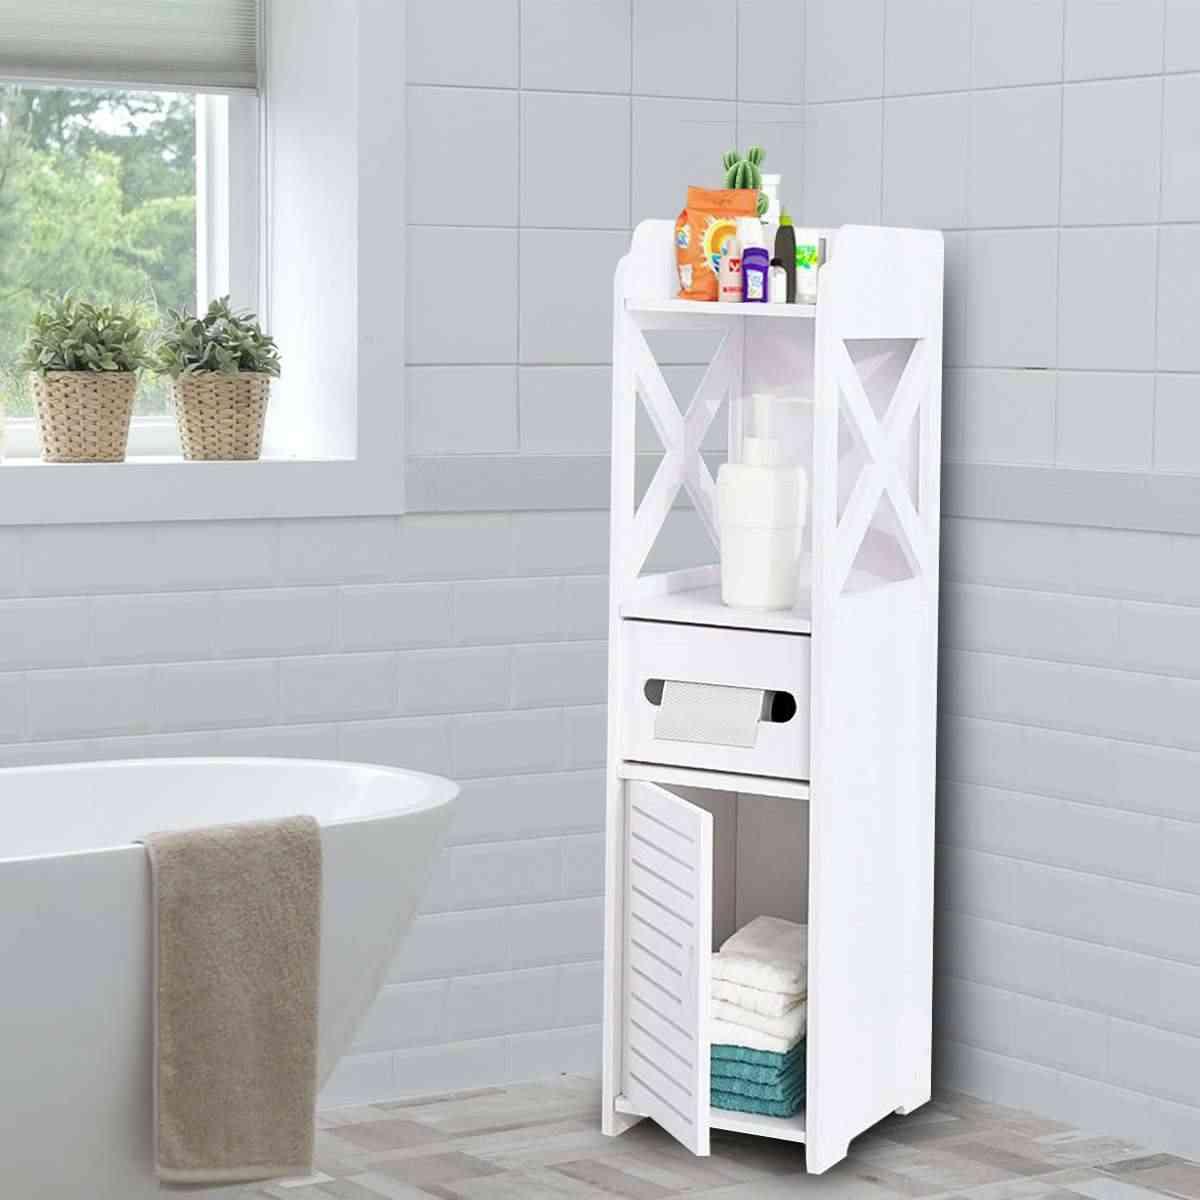 Diy Kleine Bad Wc Schrank Wasserdicht Veranstalter Eitelkeit Stand Rack Waschbecken Dusche Ecke Kleinigkeiten Regal Badezimmerregale Aliexpress